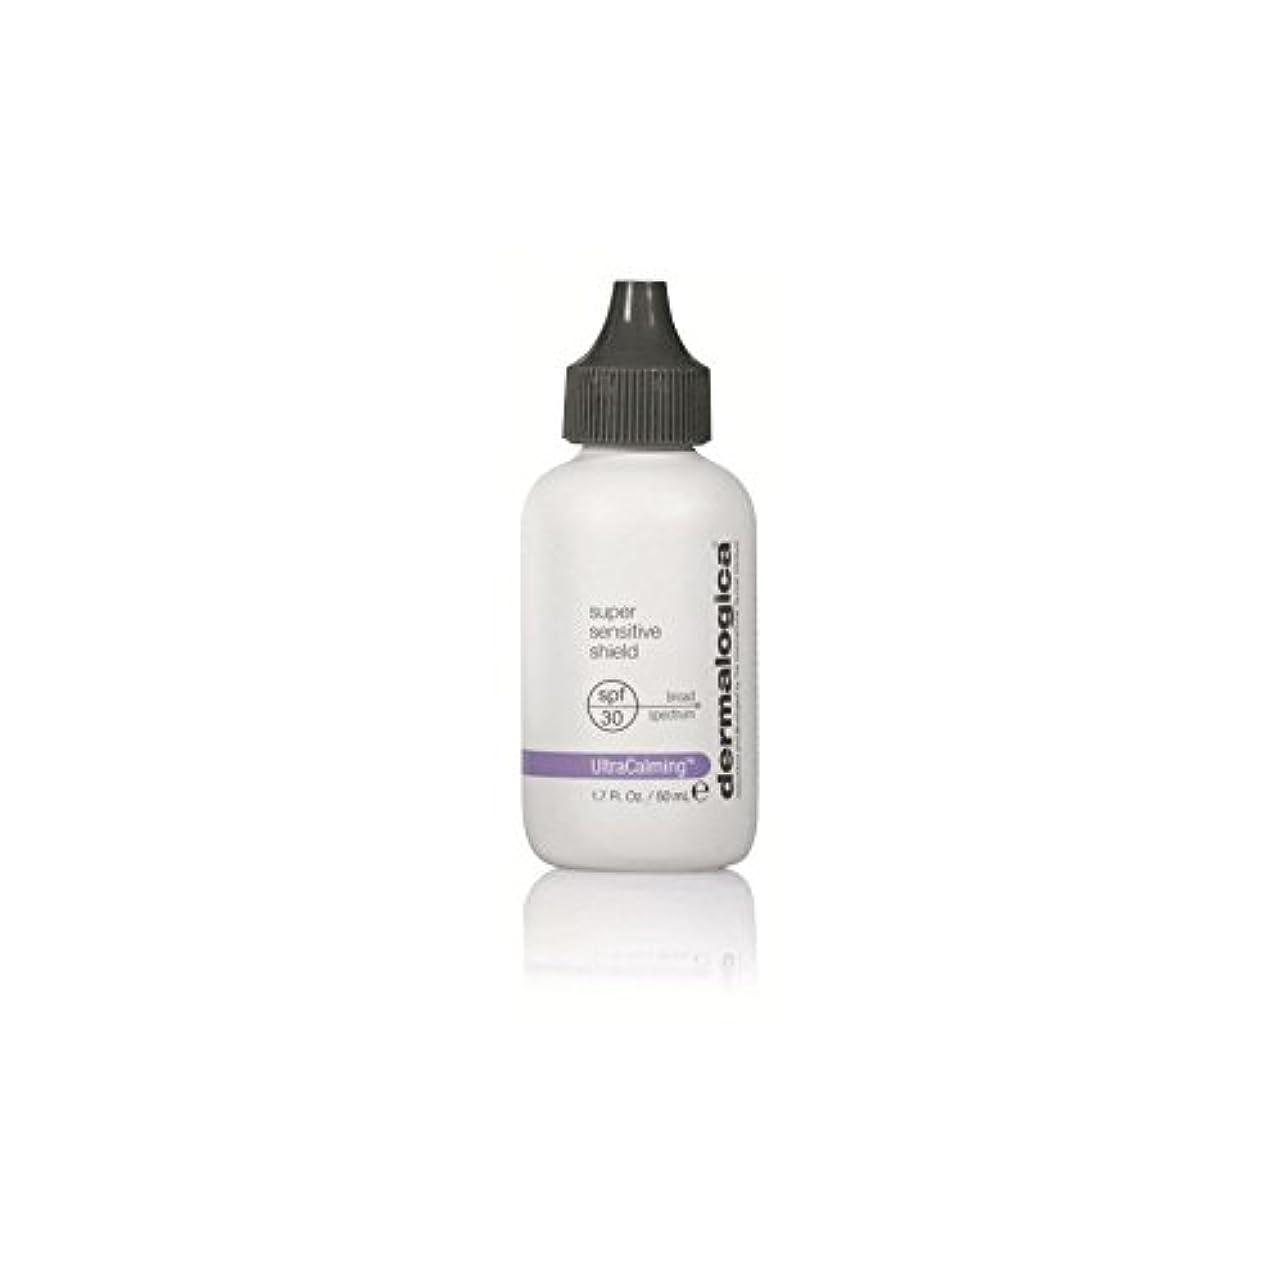 乳製品決定支給Dermalogica Super Sensitive Shield Spf30 50ml - ダーマロジカスーパーセンシティブシールド30の50ミリリットル [並行輸入品]